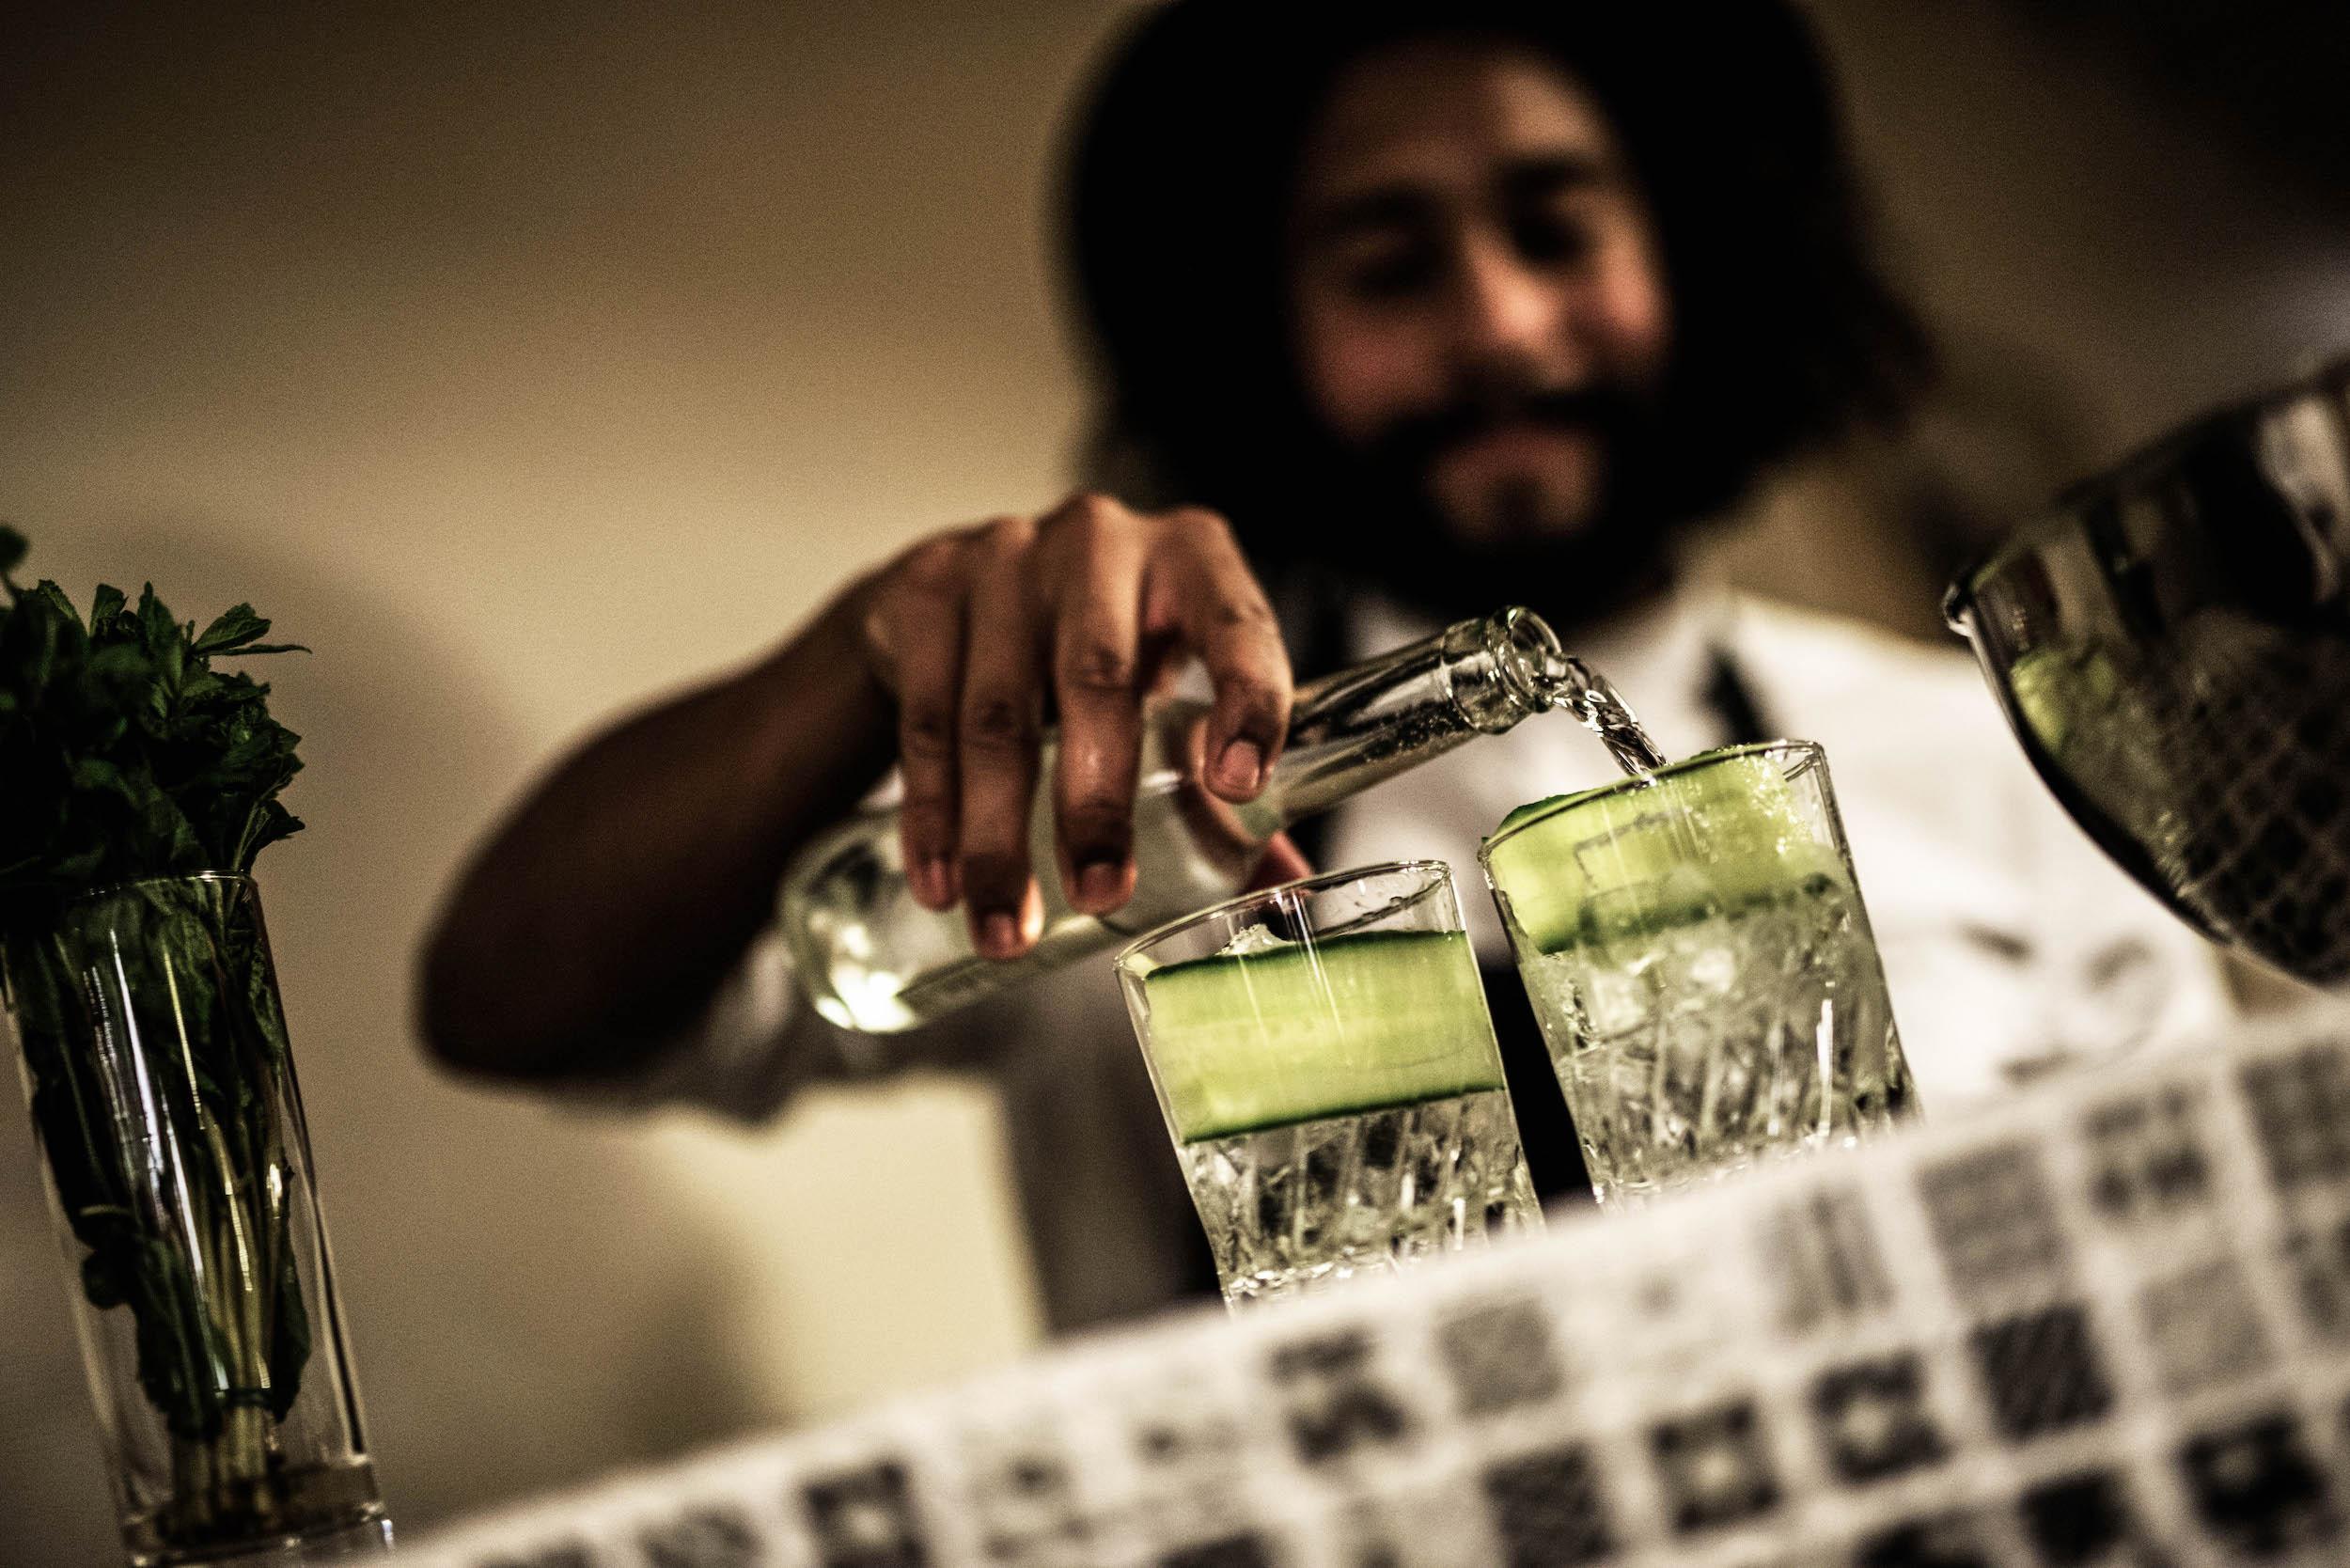 Lej en bartender - cocktails - Liv kastrup-3804.jpg